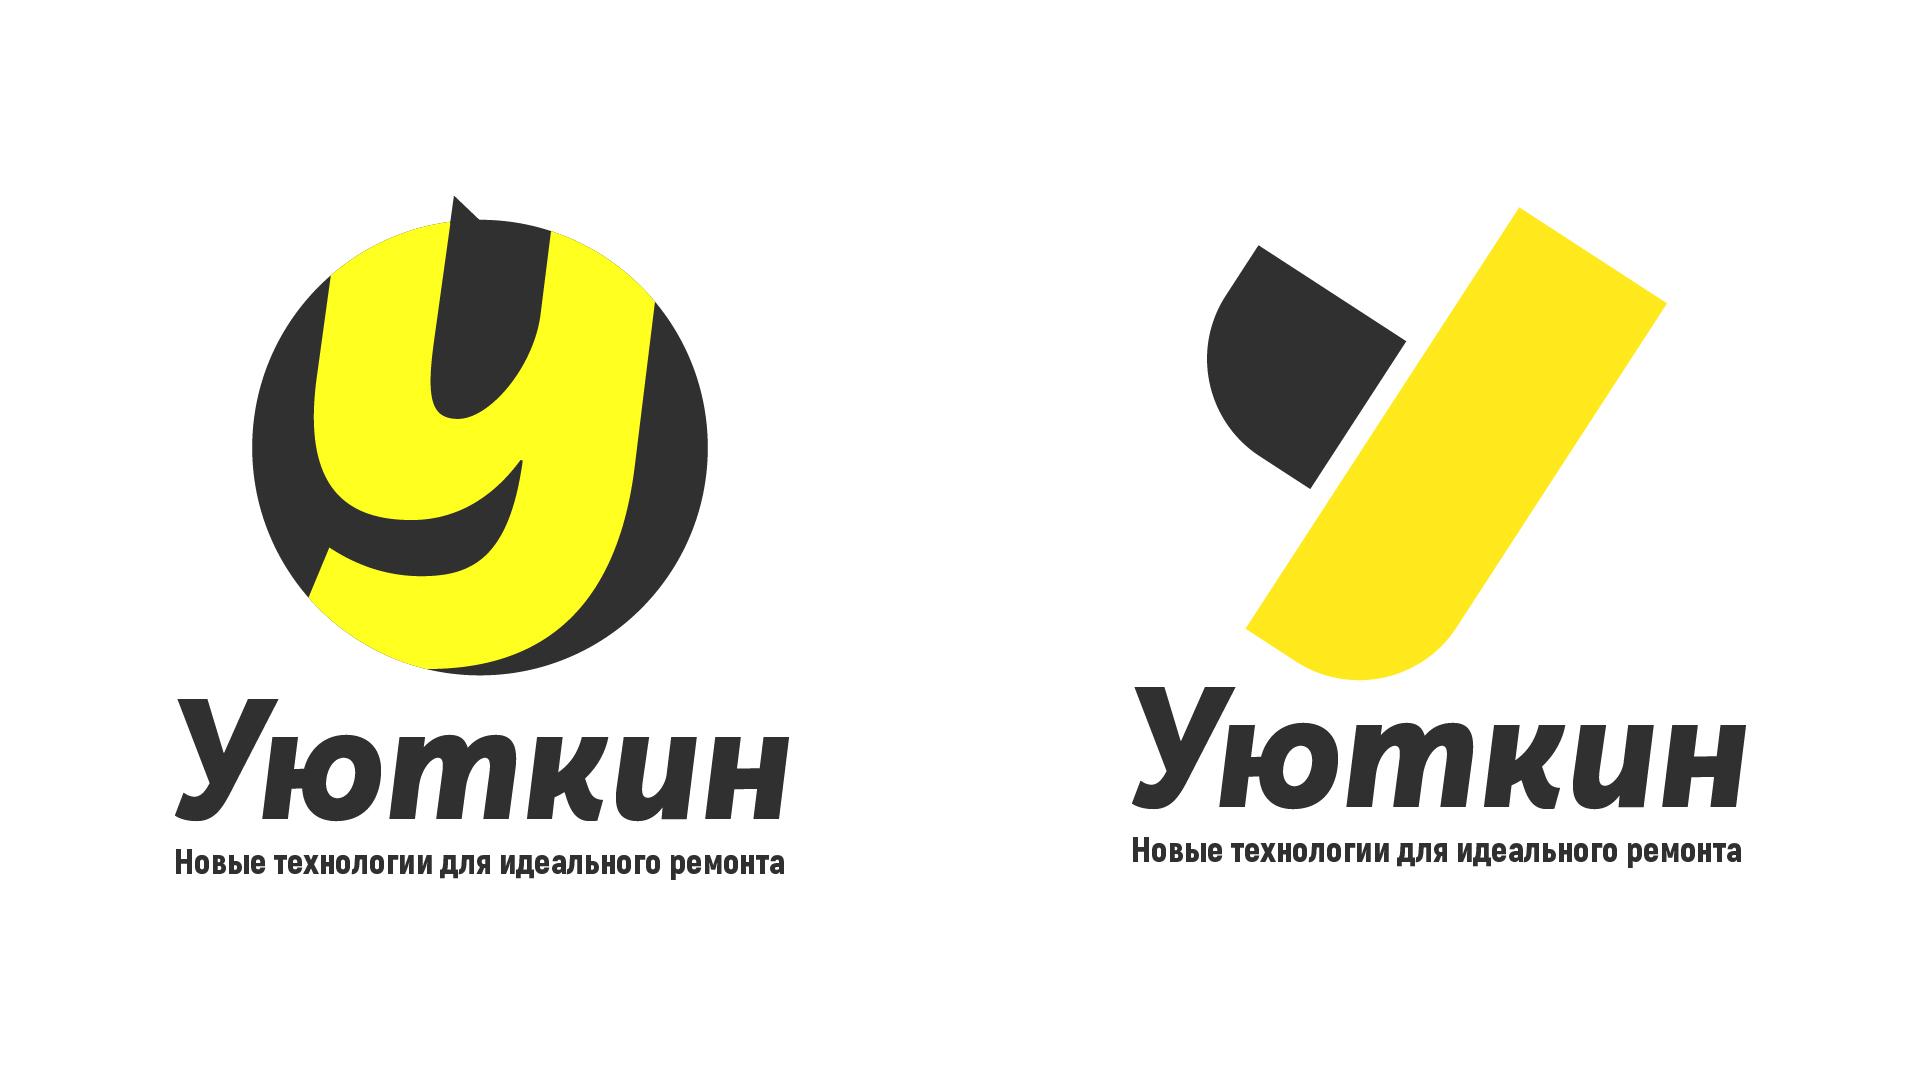 Создание логотипа и стиля сайта фото f_5195c62e77021d24.jpg